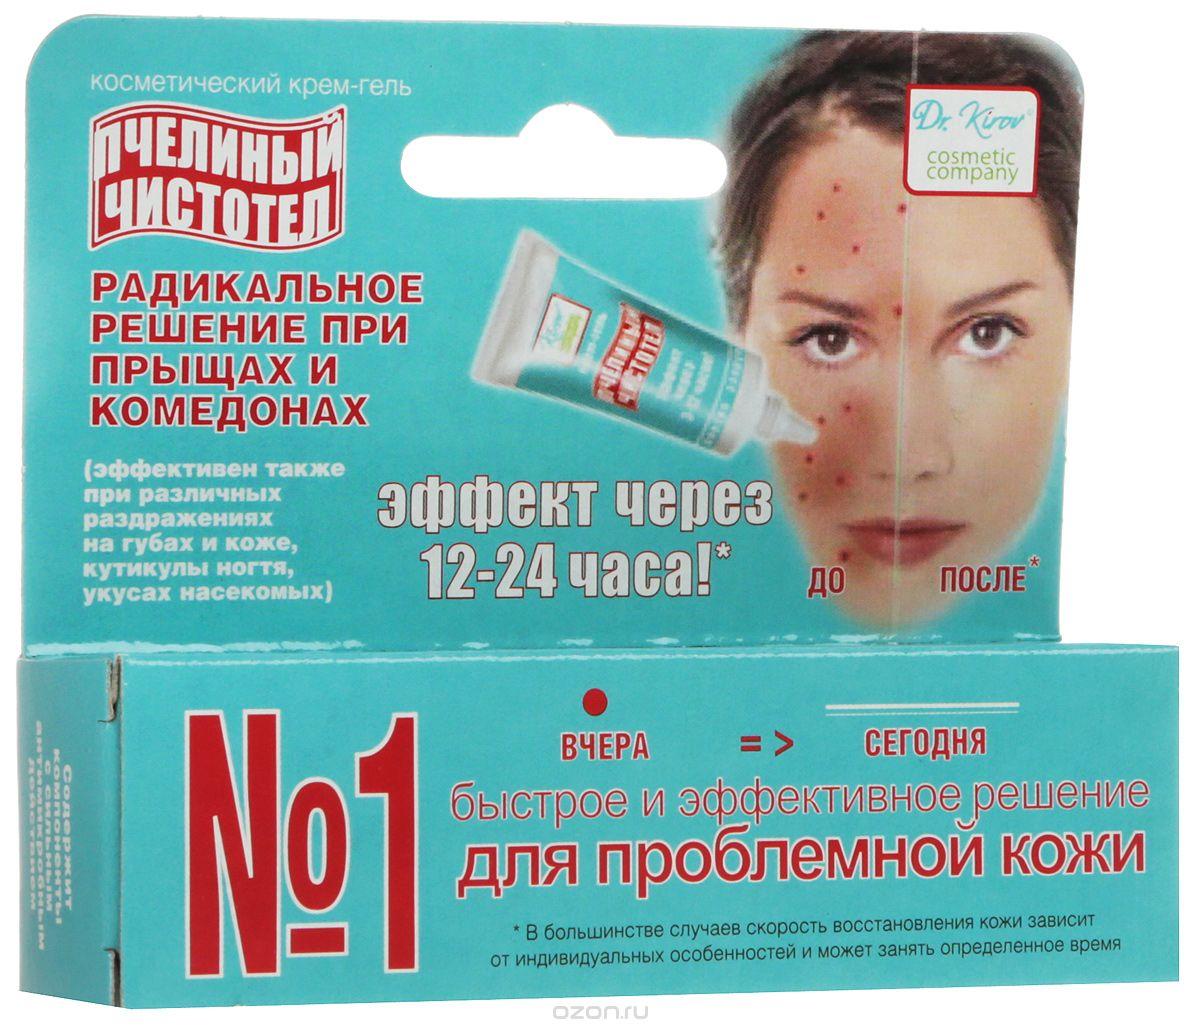 Косметика доктор киров купить в аптеке косметика катрис беларусь купить